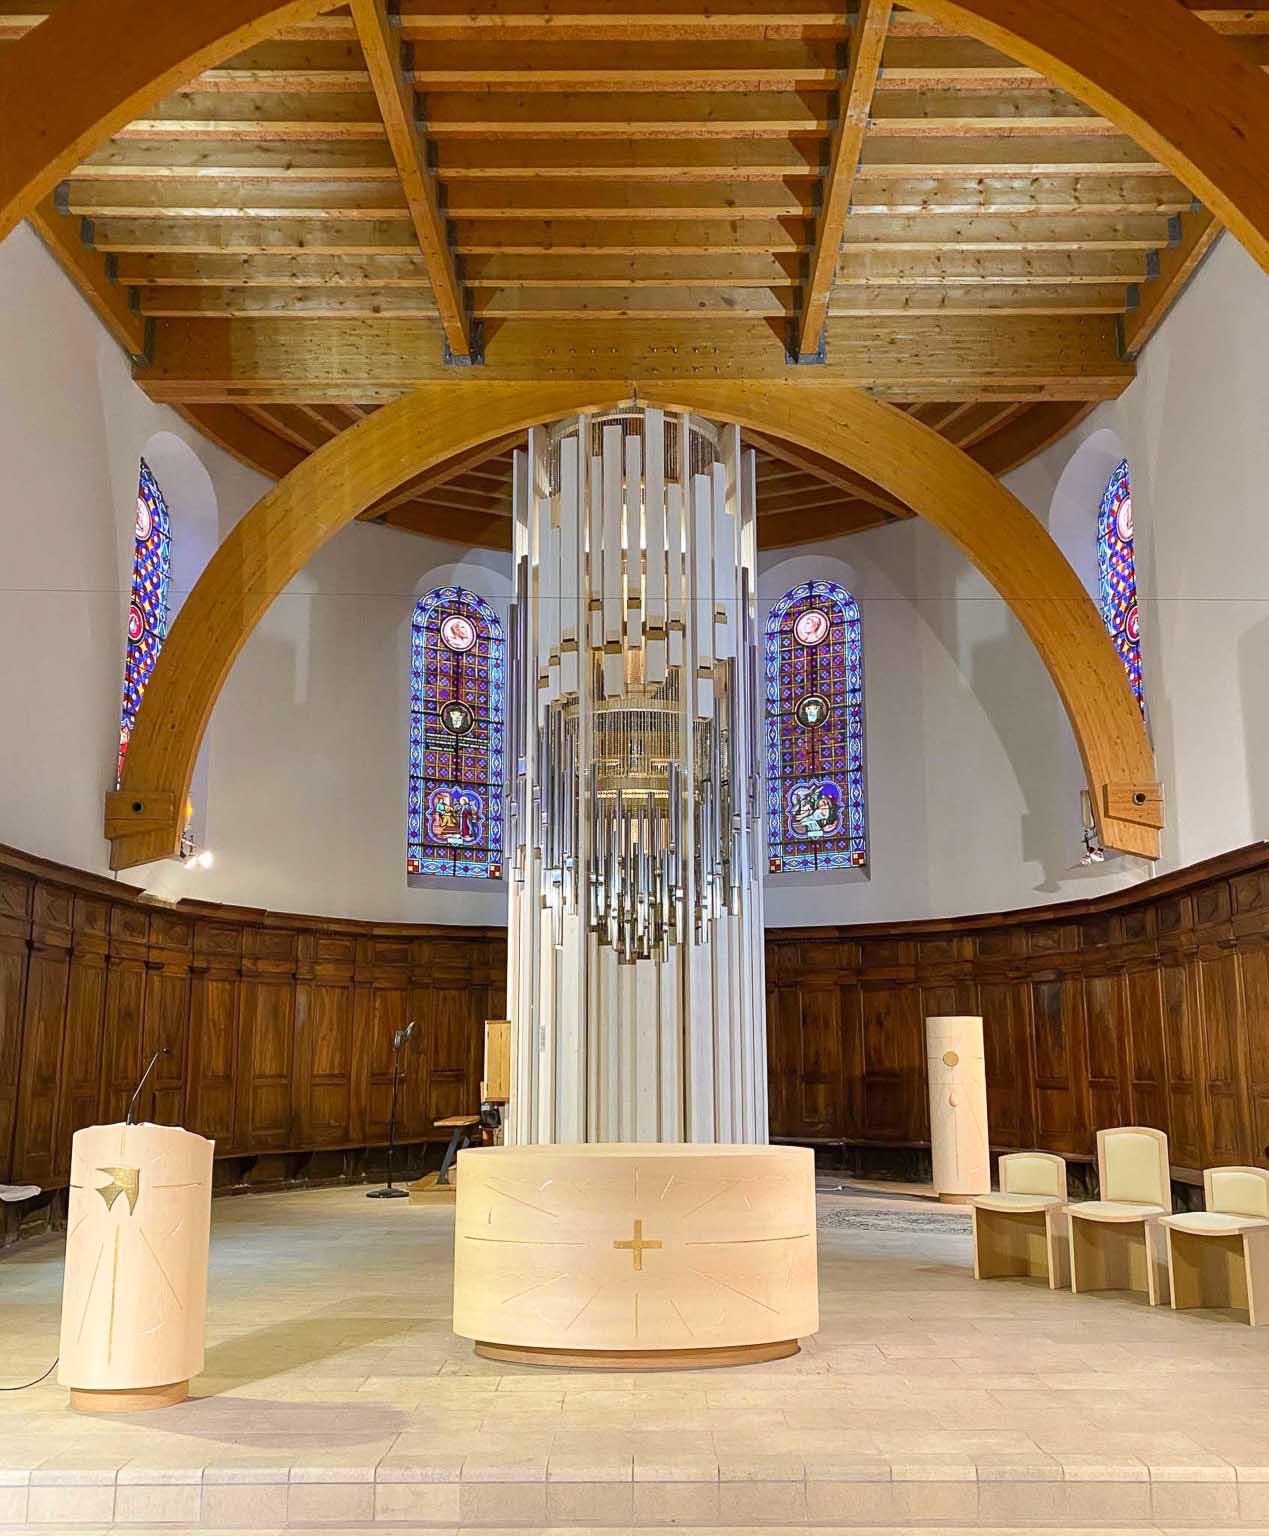 fleur nabert sculpteur bourg d'oisans chœur aménagement liturgique autel ambon tabernacle ensemble de présidence bois feuille d'or